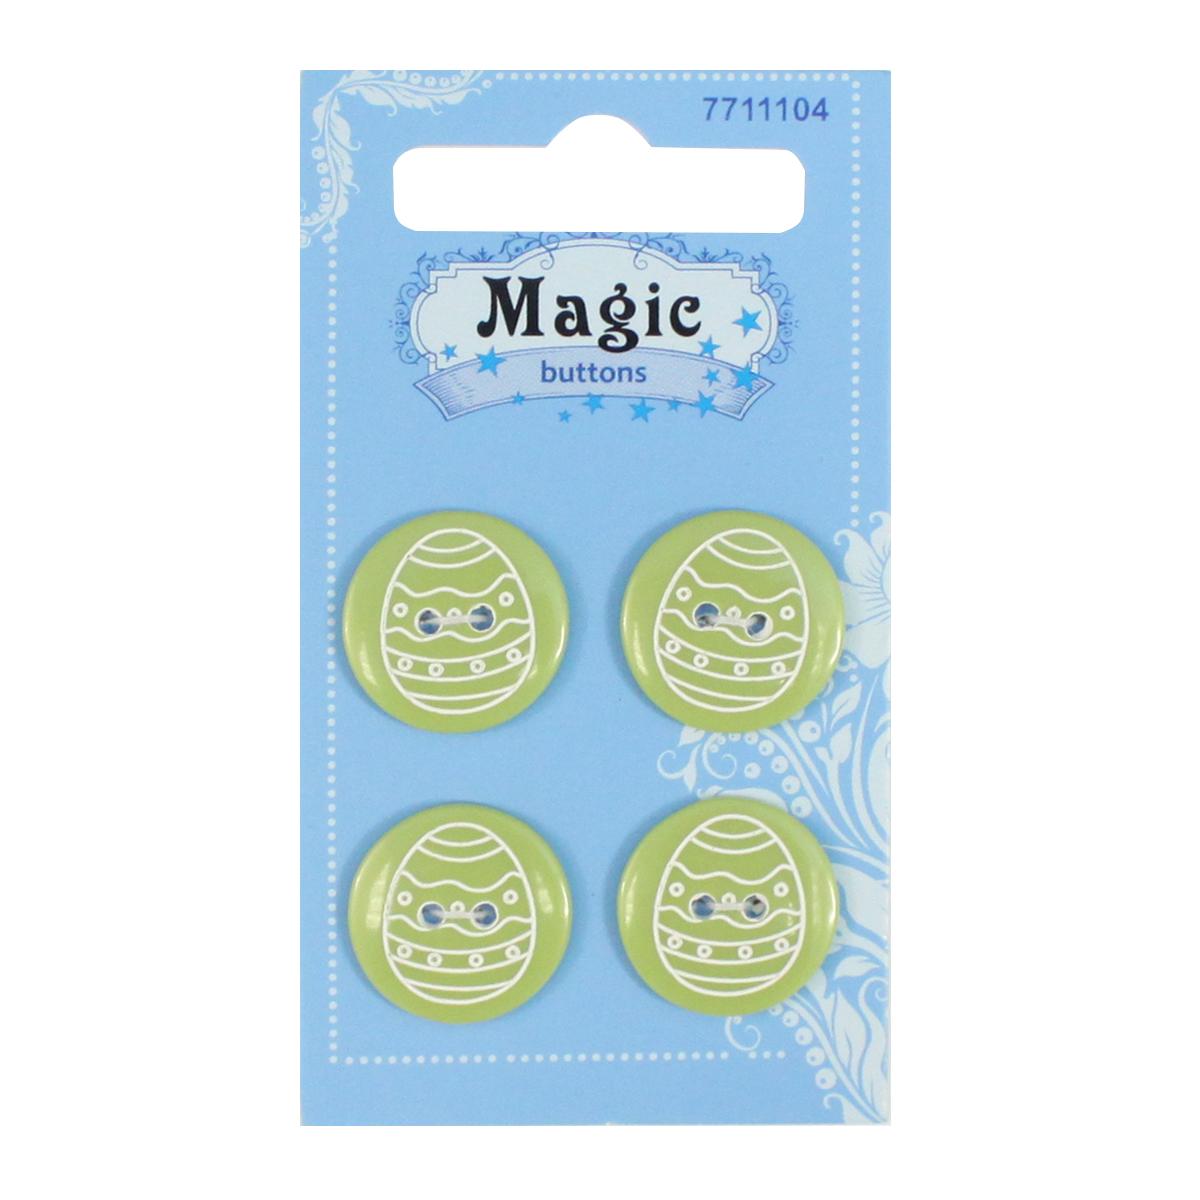 Пуговицы декоративные Magic Buttons Пасха, 4 шт7711104Яркие пуговицы бренда Magic Buttons восхищают разнообразием стилей и цветов. Они станут отличным дополнением в качестве завершающего штриха на одежде, кроме того их можно использовать в скрапбуинге, создавать с помощью них интересные открытки, подарочные конверты и многое, многое другое.